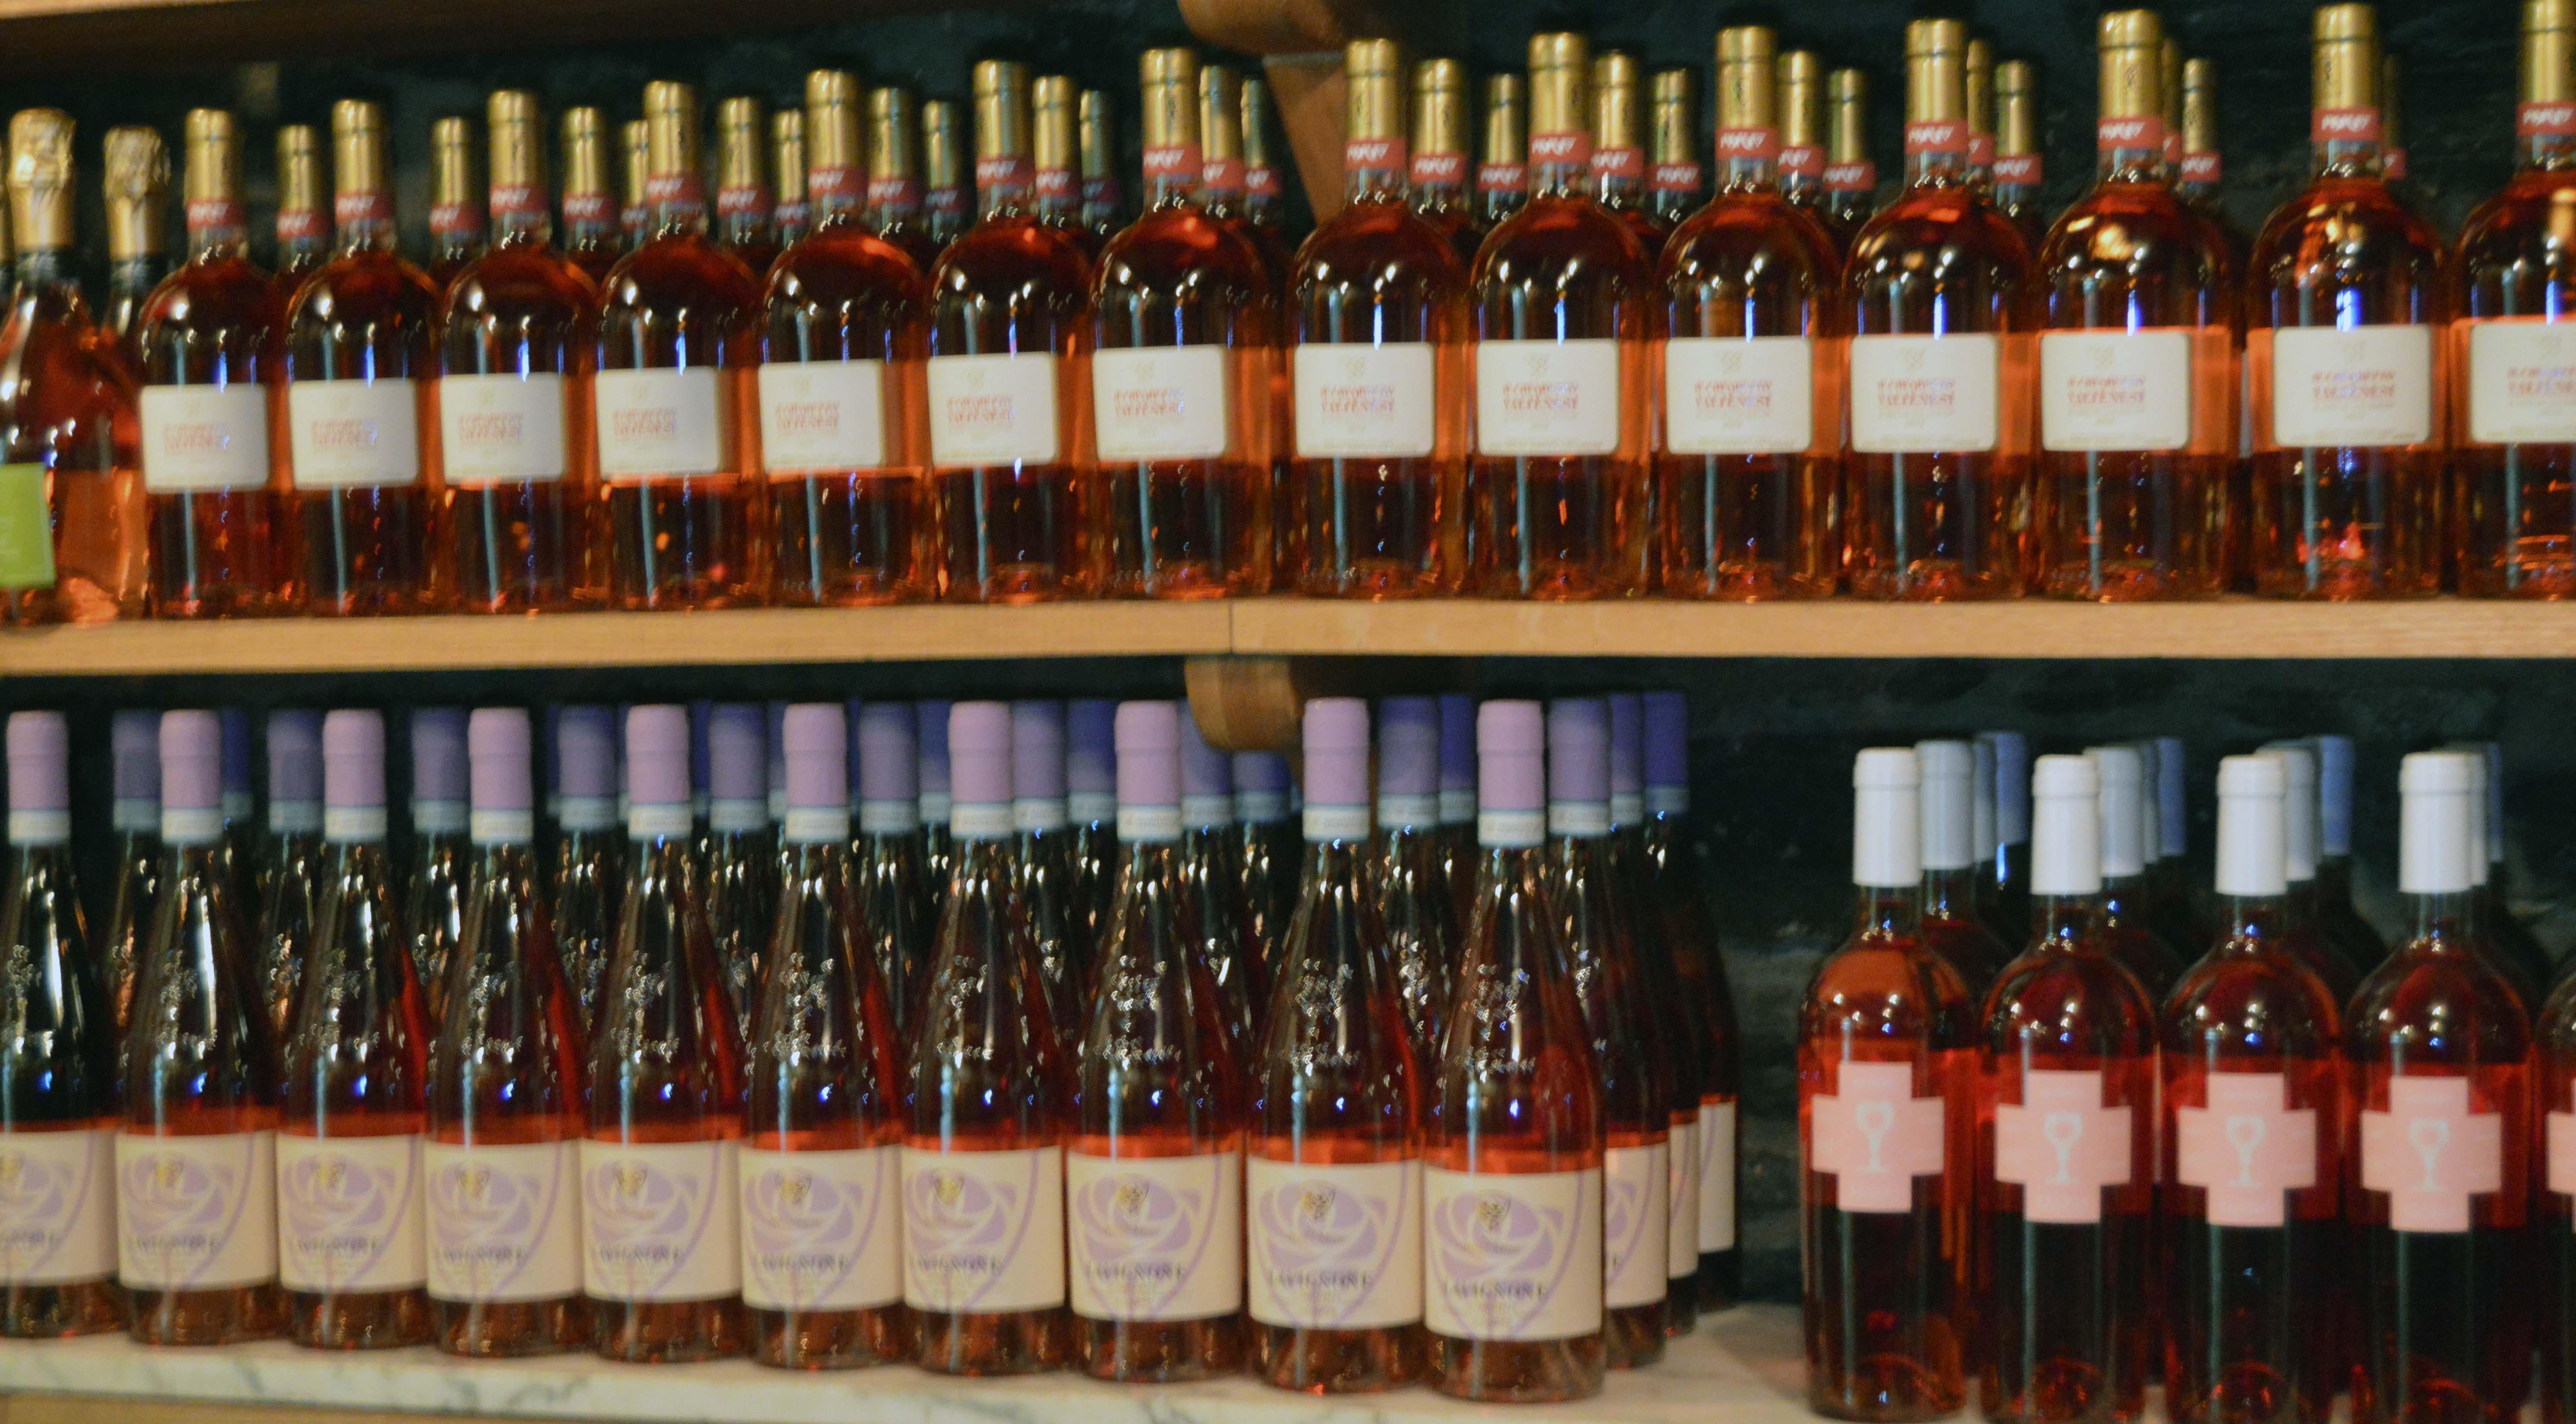 Bottles of Rose